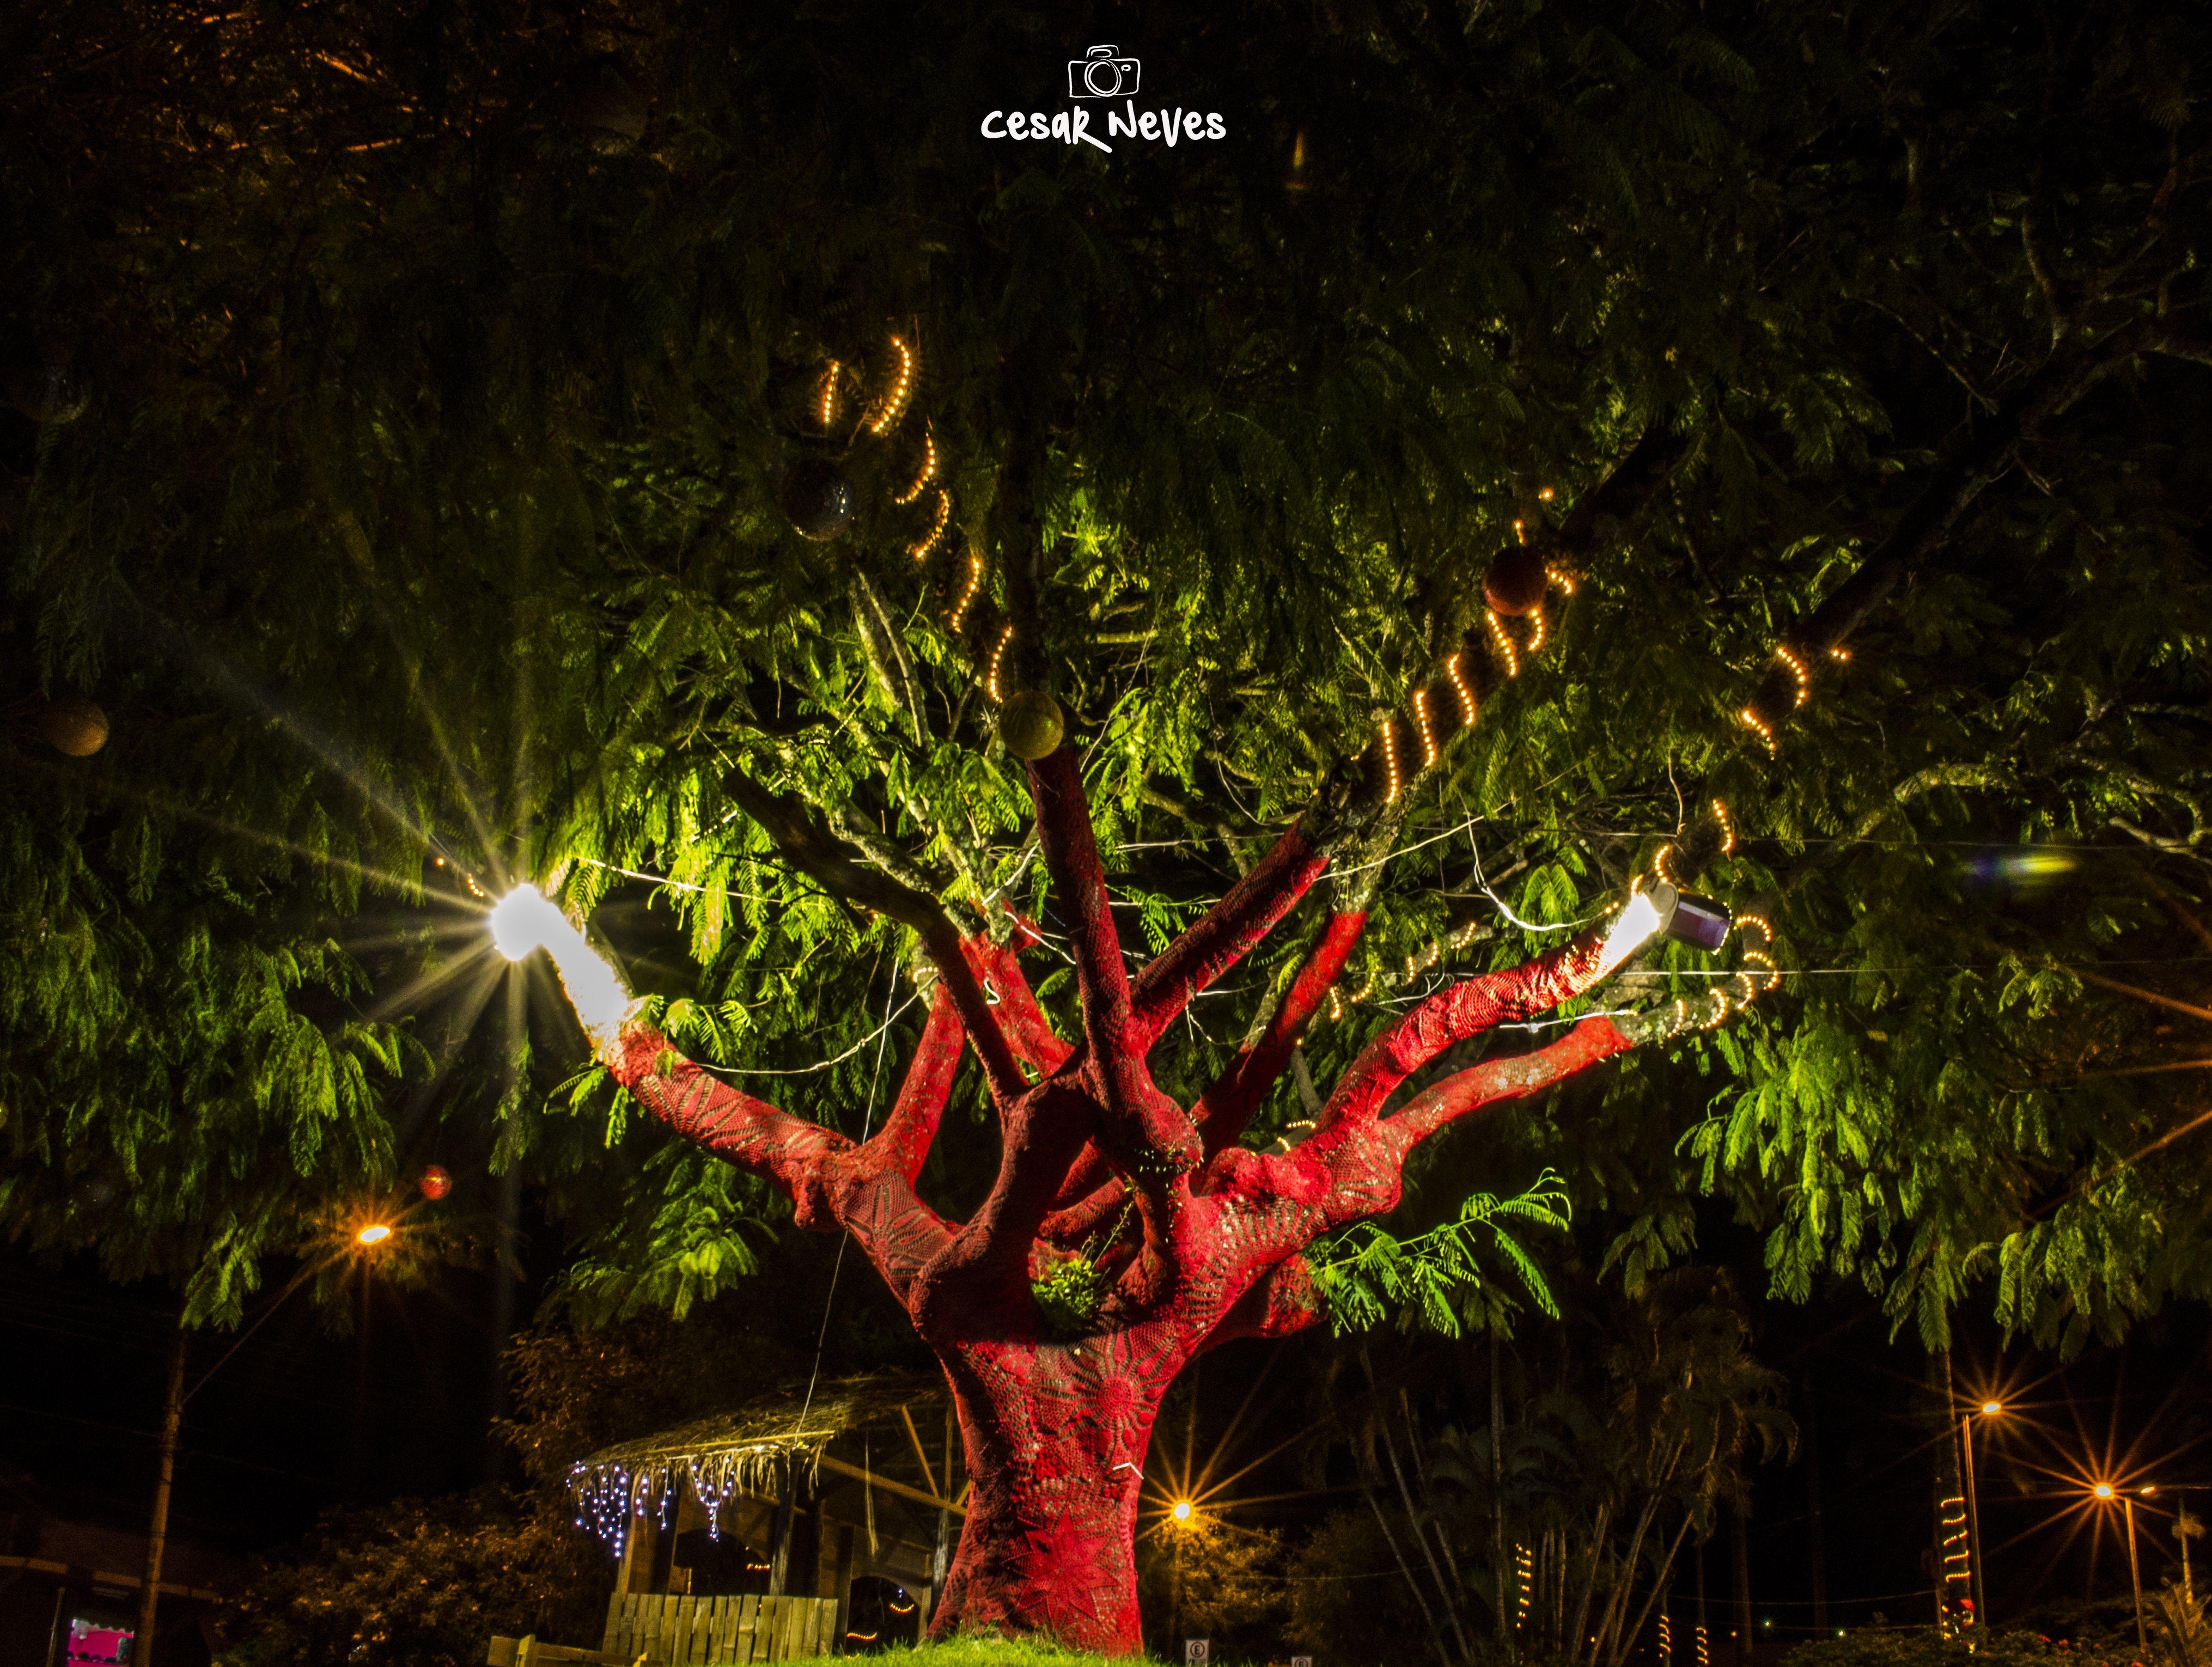 Arvores enfeitadas para as festas de final de ano em Inconfidentes - MG